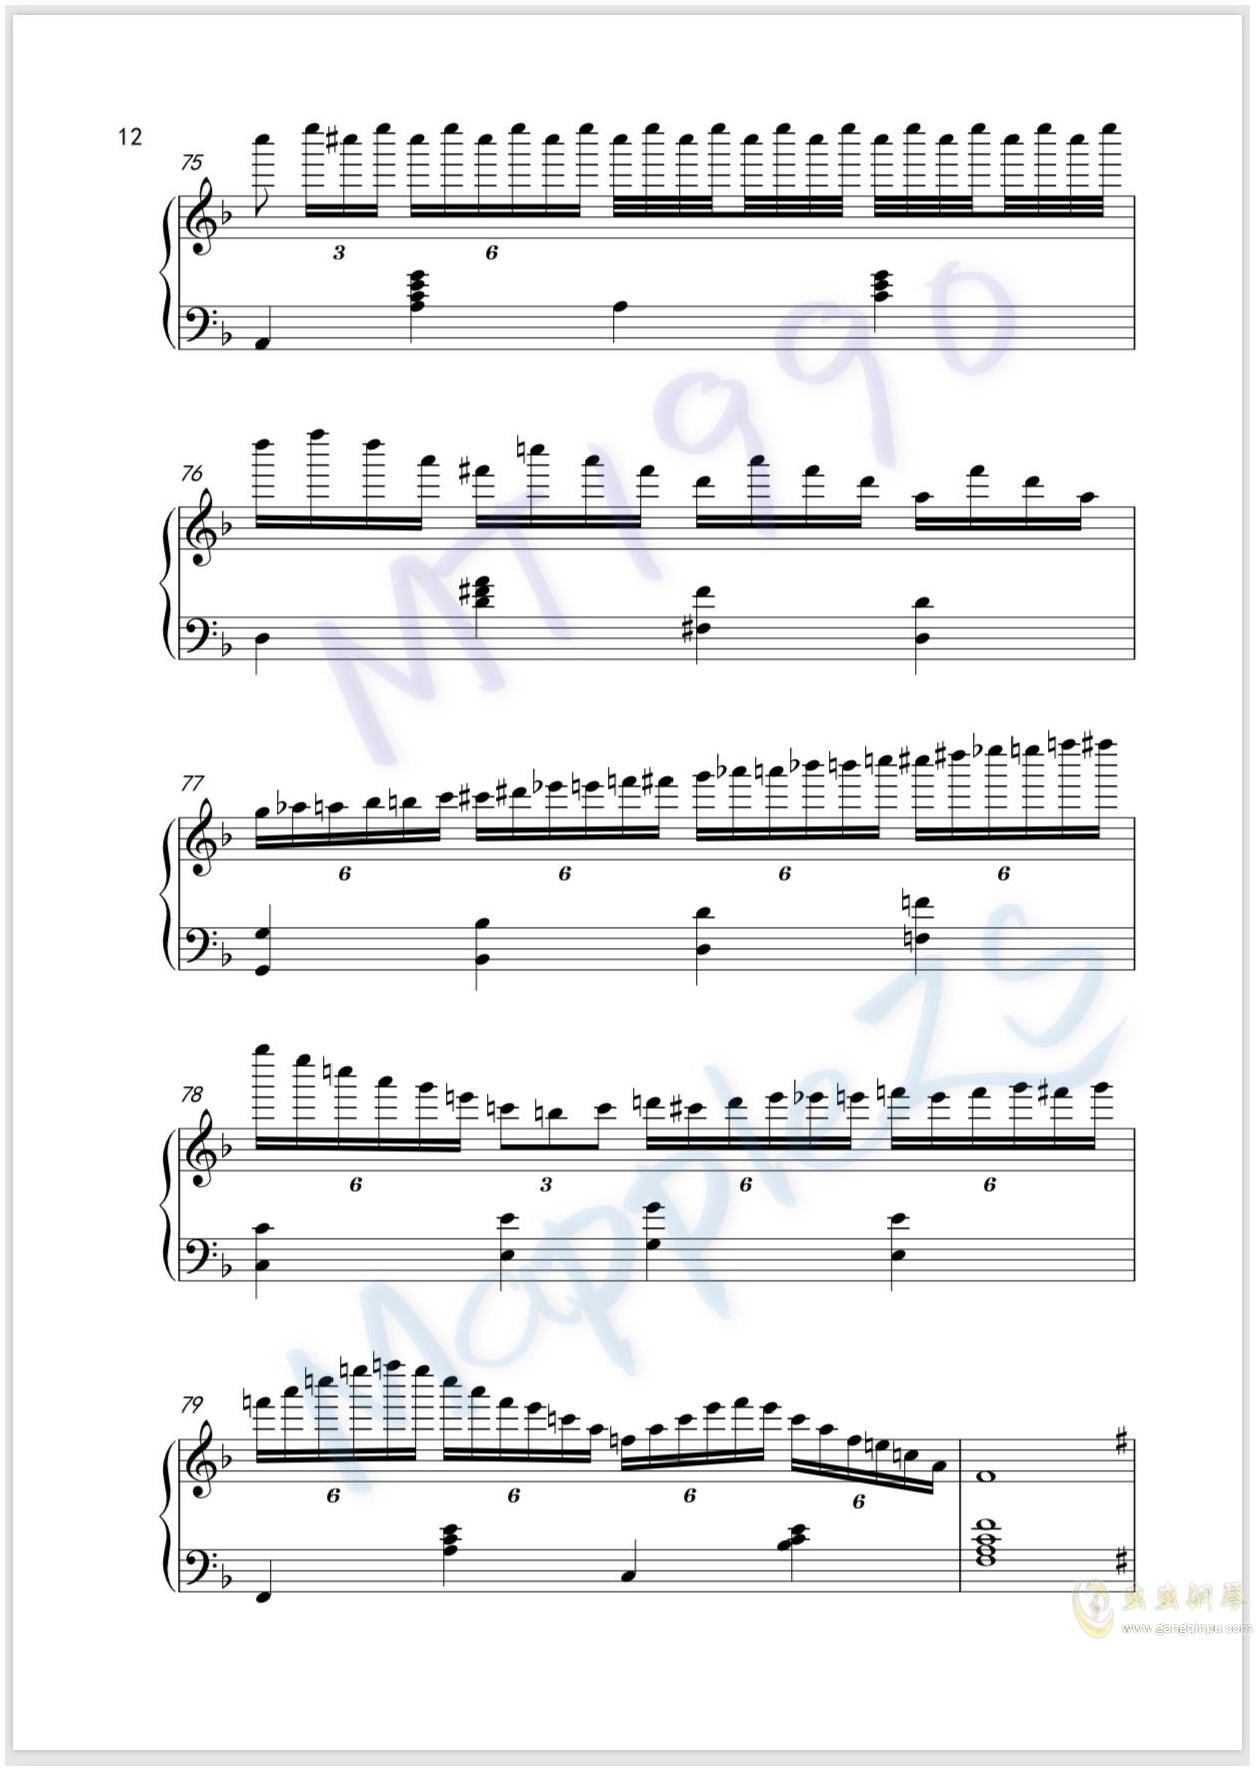 流光练习曲钢琴谱 第12页